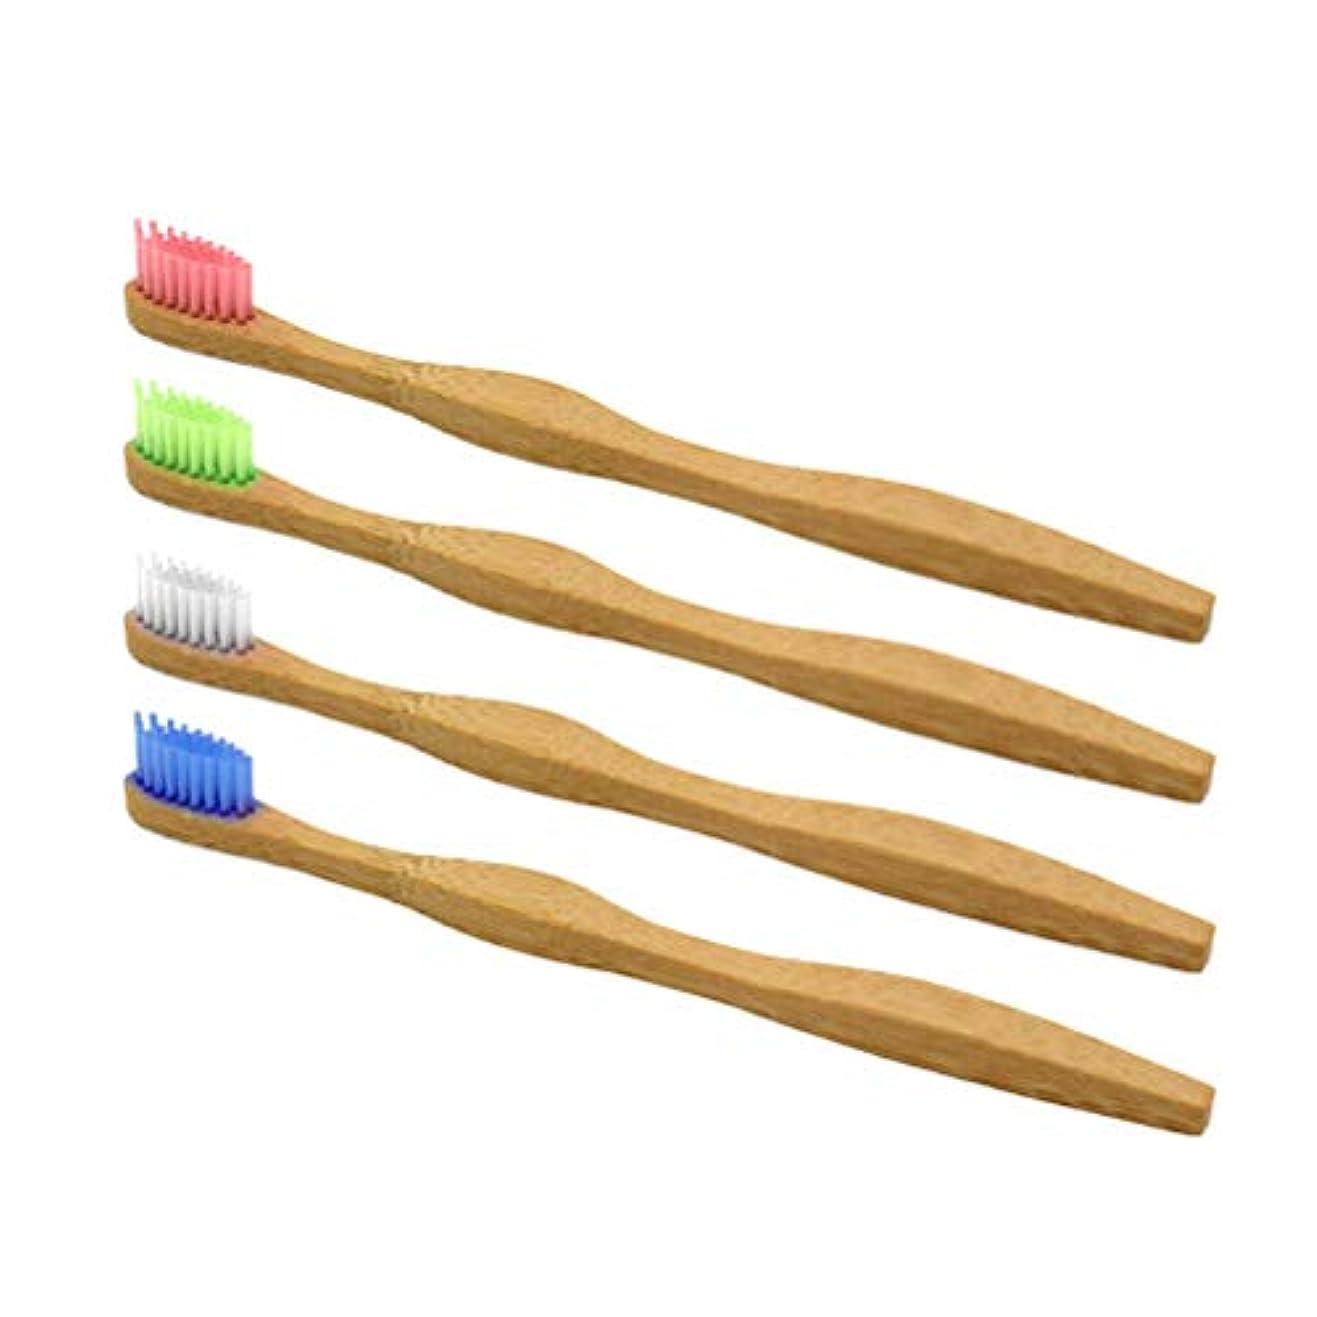 火山列挙する合理化SUPVOX竹製の歯ブラシオーラルケアクリーニングセット用柔らかい歯ブラシセット4本(アソートカラー)